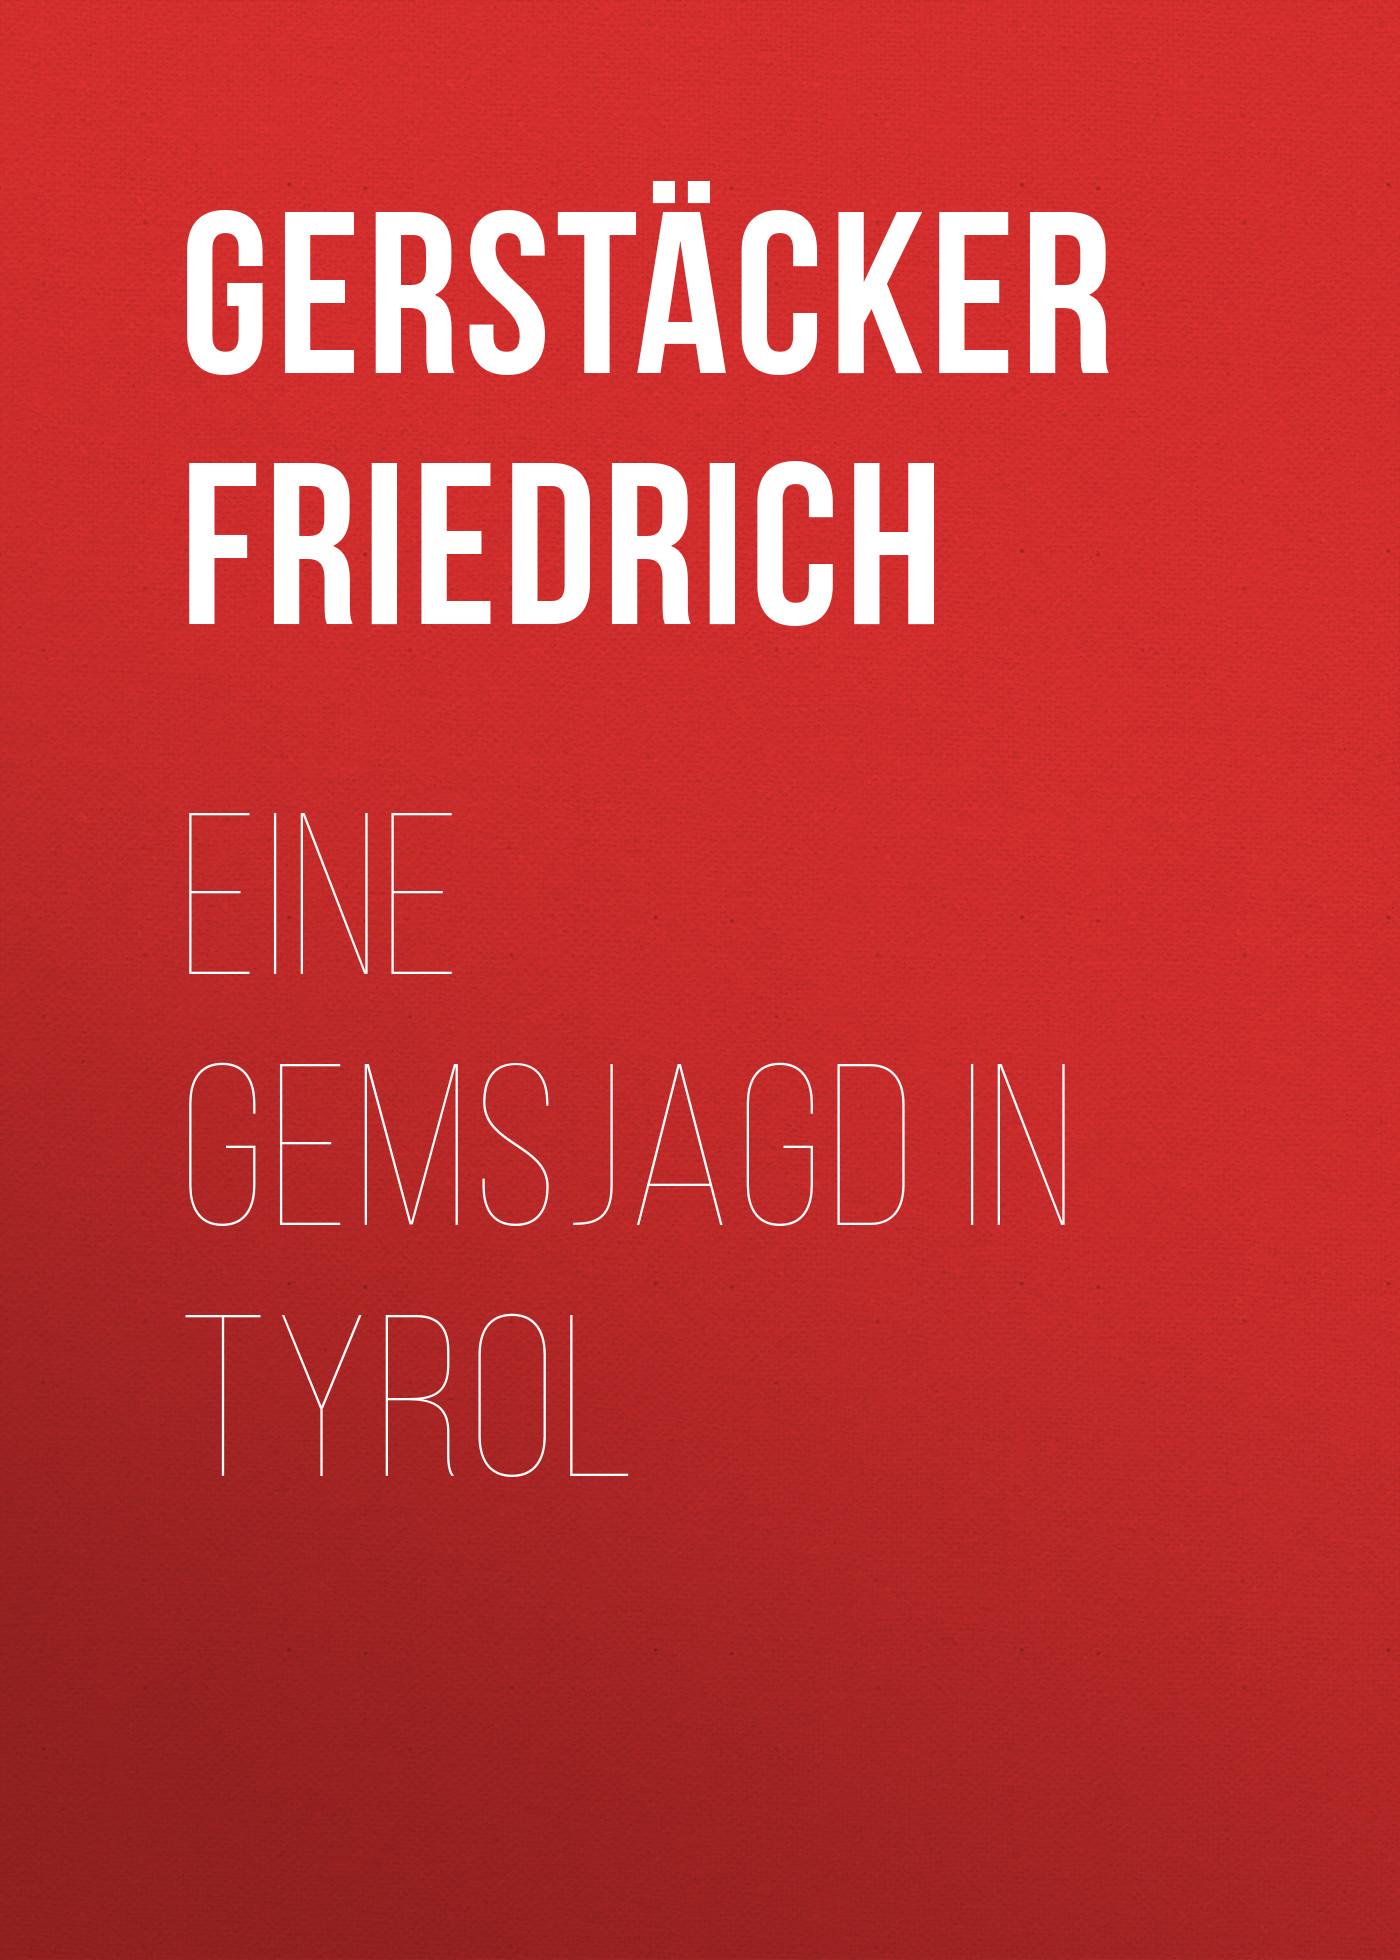 цена Gerstäcker Friedrich Eine Gemsjagd in Tyrol онлайн в 2017 году